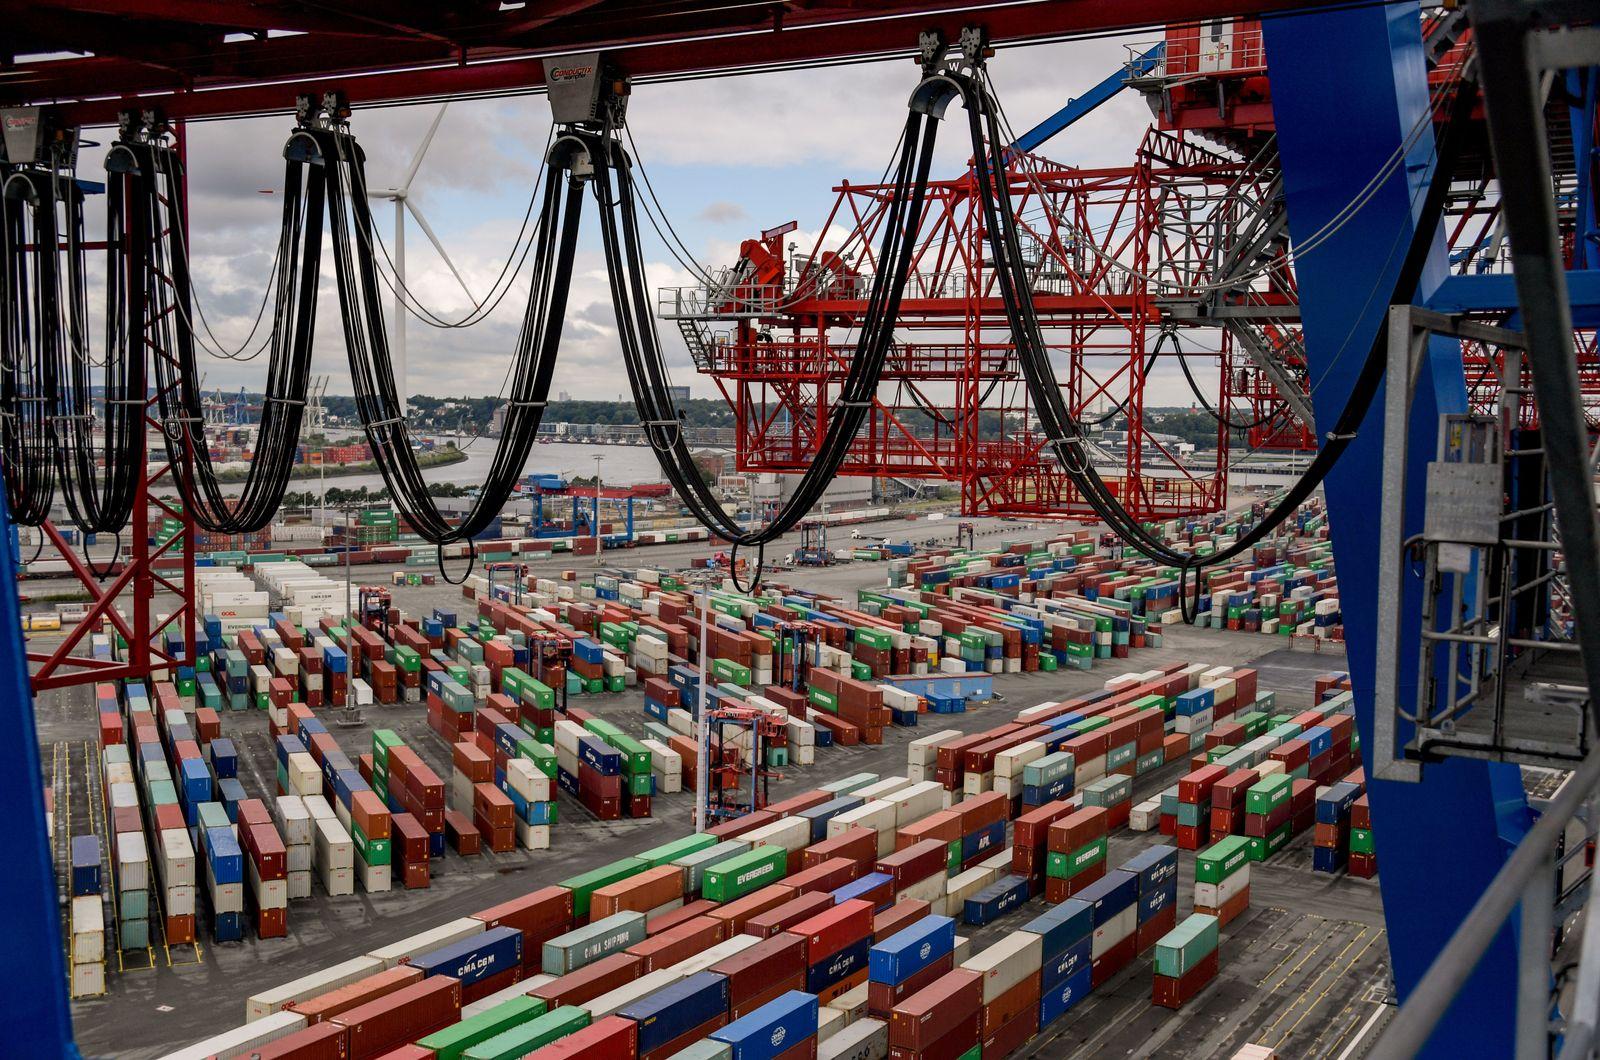 Netzwelt/ 5G/ Hamburger Hafen